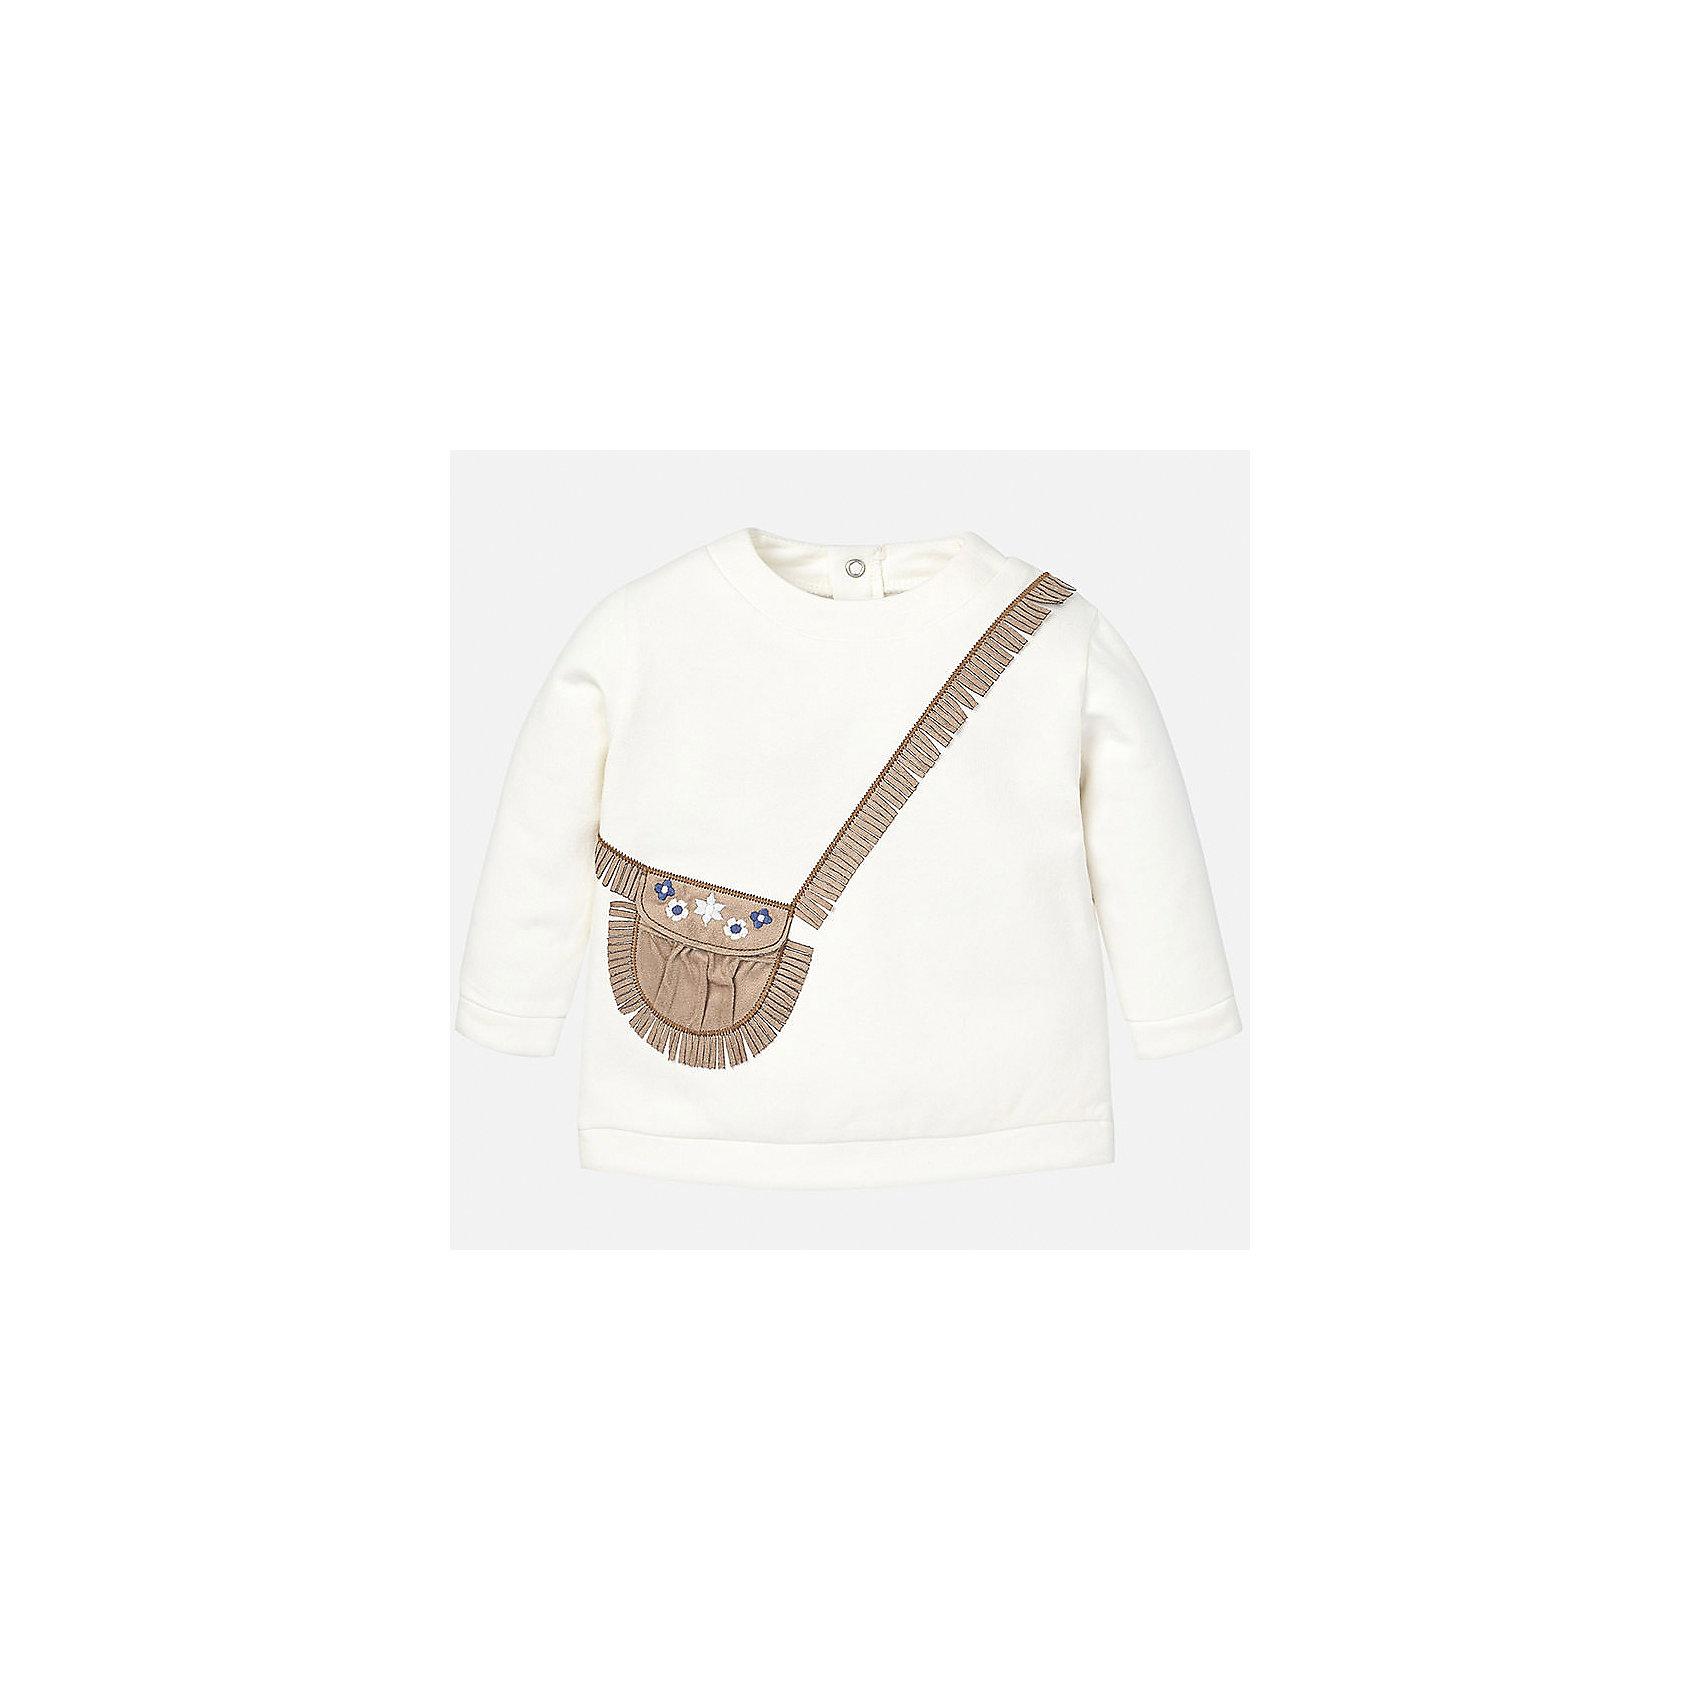 Толстовка для девочки MayoralТолстовки, свитера, кардиганы<br>Толстовка для девочки от известного испанского бренда Mayoral(майорал). Изготовлен из высококачественного хлопка, сзади застегивается на кнопки. Спереди свитер украшен аппликацией в виде сумочки с бахромой. Превосходный вариант для стильных девочек!<br><br>Дополнительная информация:<br>Состав: 92% хлопок, 8% эластан<br>Цвет: белый<br>Свитер для девочки Mayoral(майорал) можно приобрести в нашем интернет-магазине.<br><br>Ширина мм: 190<br>Глубина мм: 74<br>Высота мм: 229<br>Вес г: 236<br>Цвет: бежевый<br>Возраст от месяцев: 12<br>Возраст до месяцев: 18<br>Пол: Женский<br>Возраст: Детский<br>Размер: 86,92,74,80<br>SKU: 4846074